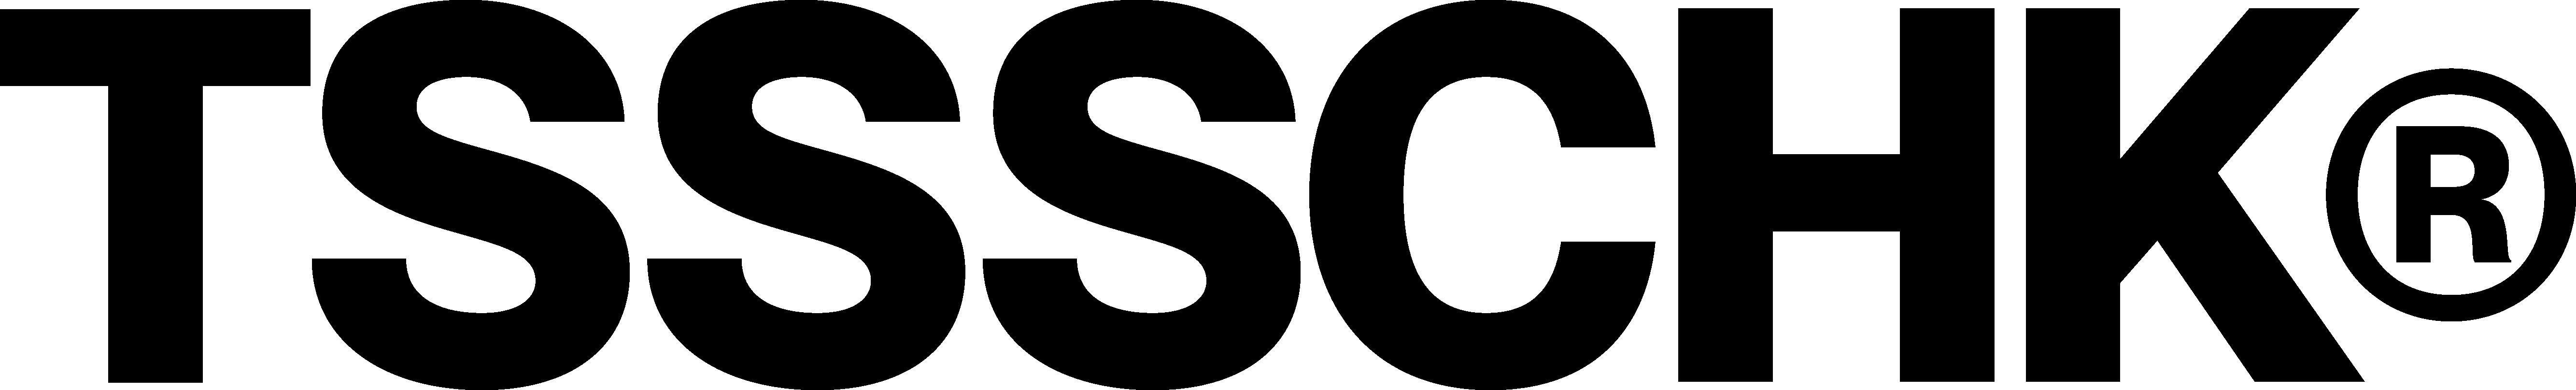 TSSSCHK